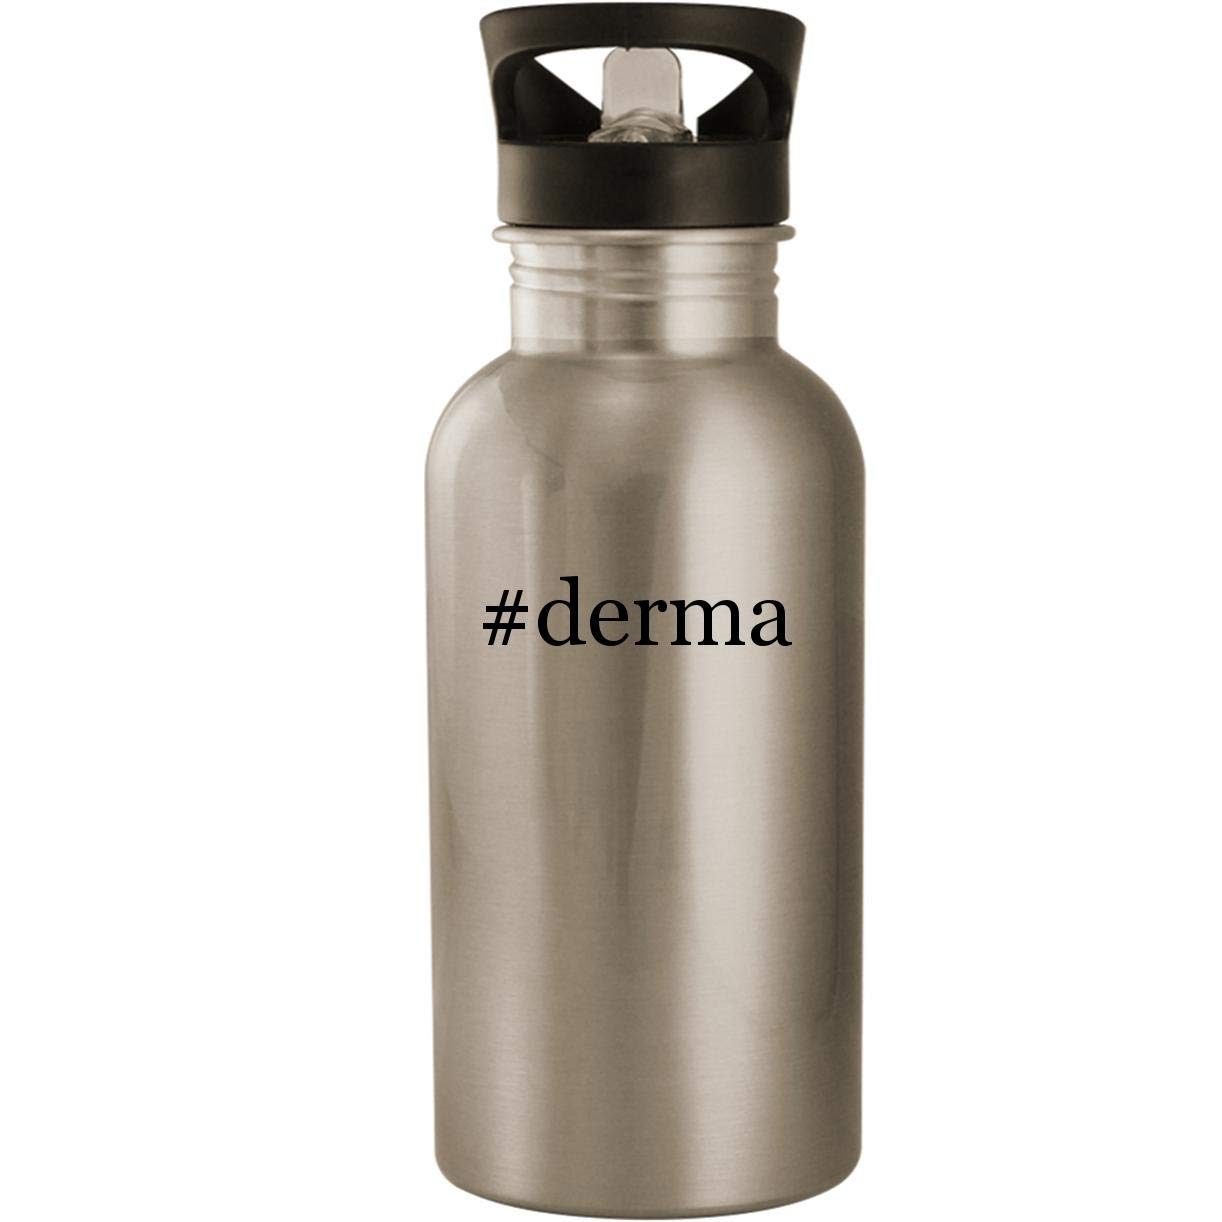 #derma - Stainless Steel 20oz Road Ready Water Bottle, Silver